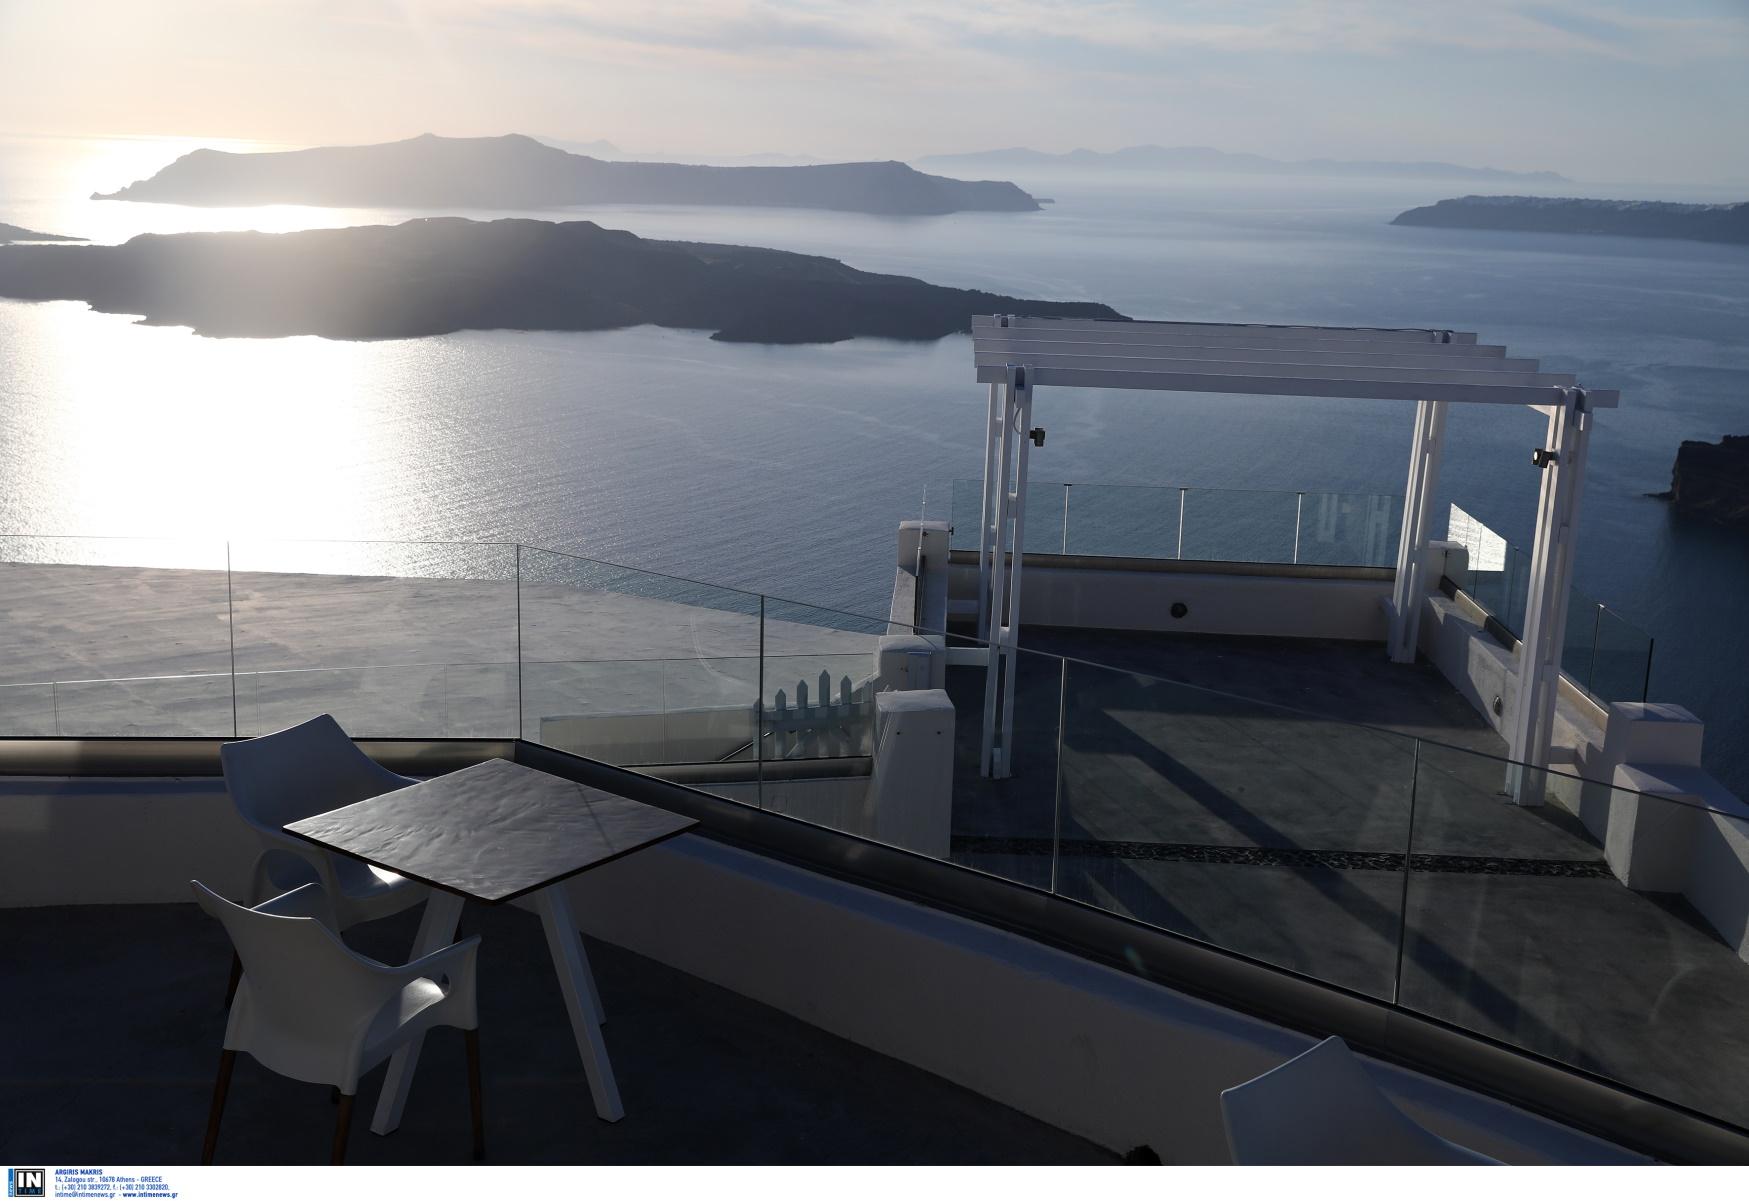 Ιταλικοί διθύραμβοι για covid safe διακοπές σε Πάρο και Σαντορίνη